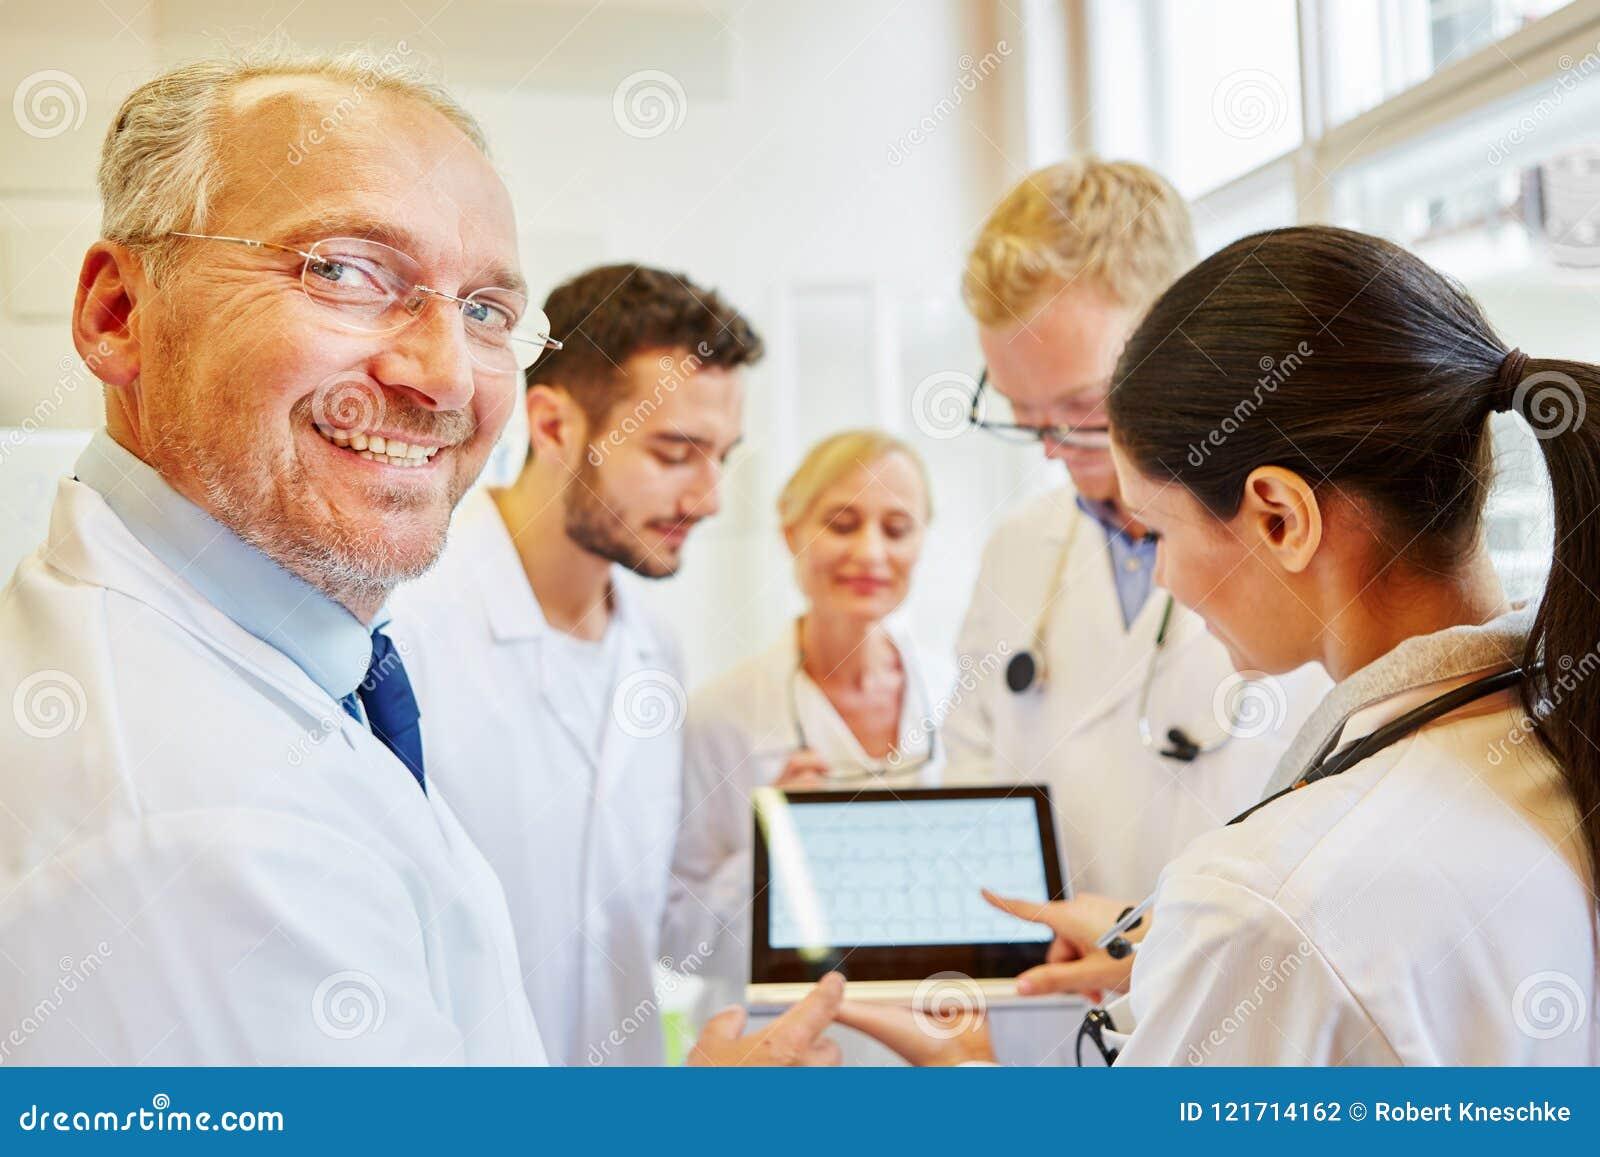 Lag av doktorer som förbereder diagnostik